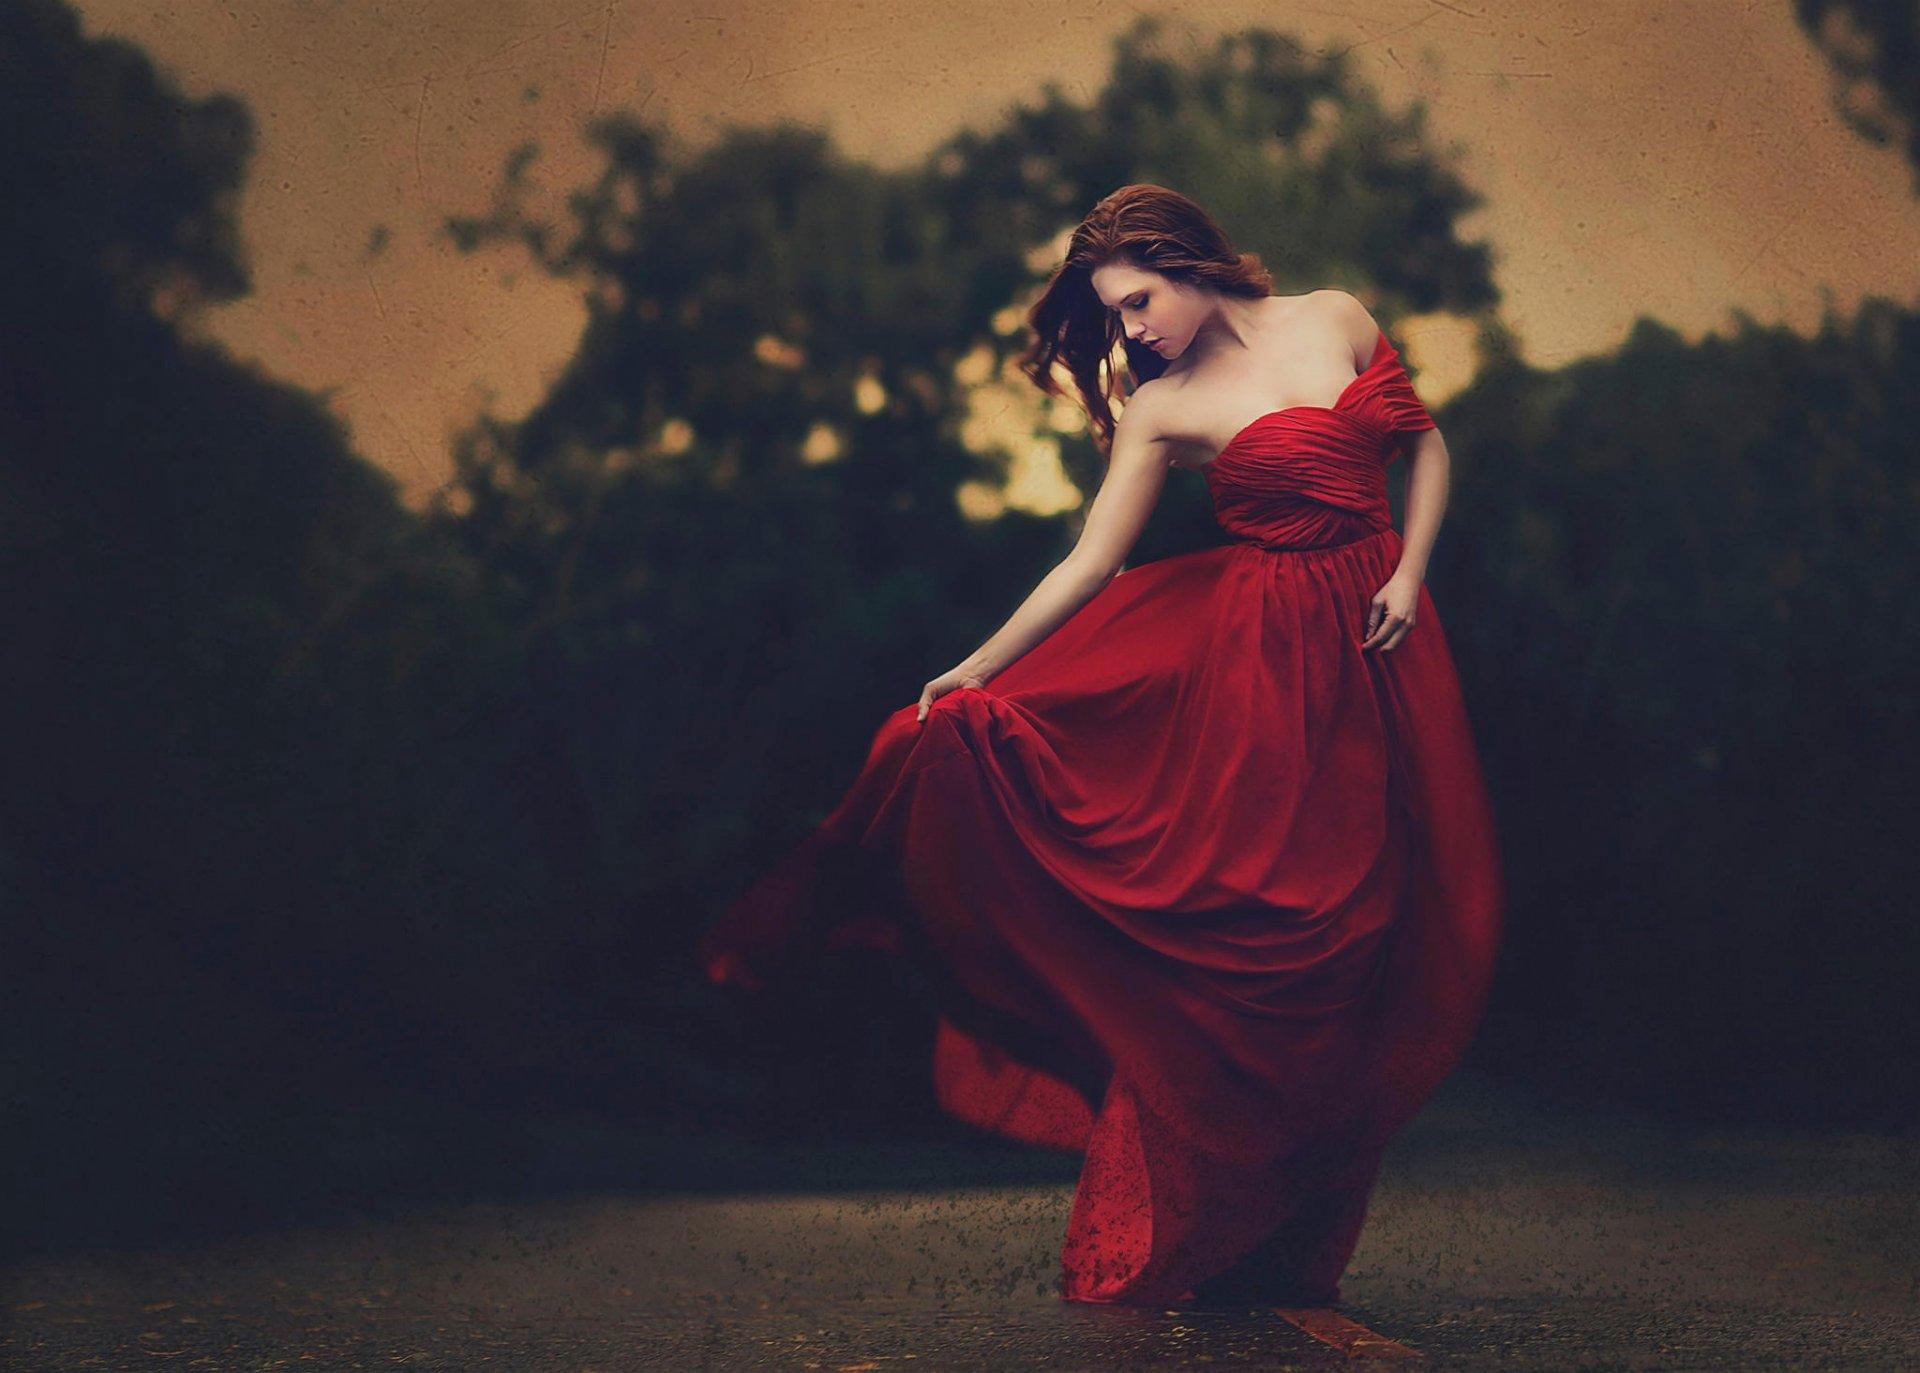 видео девушка в красном платье здесь найдешь